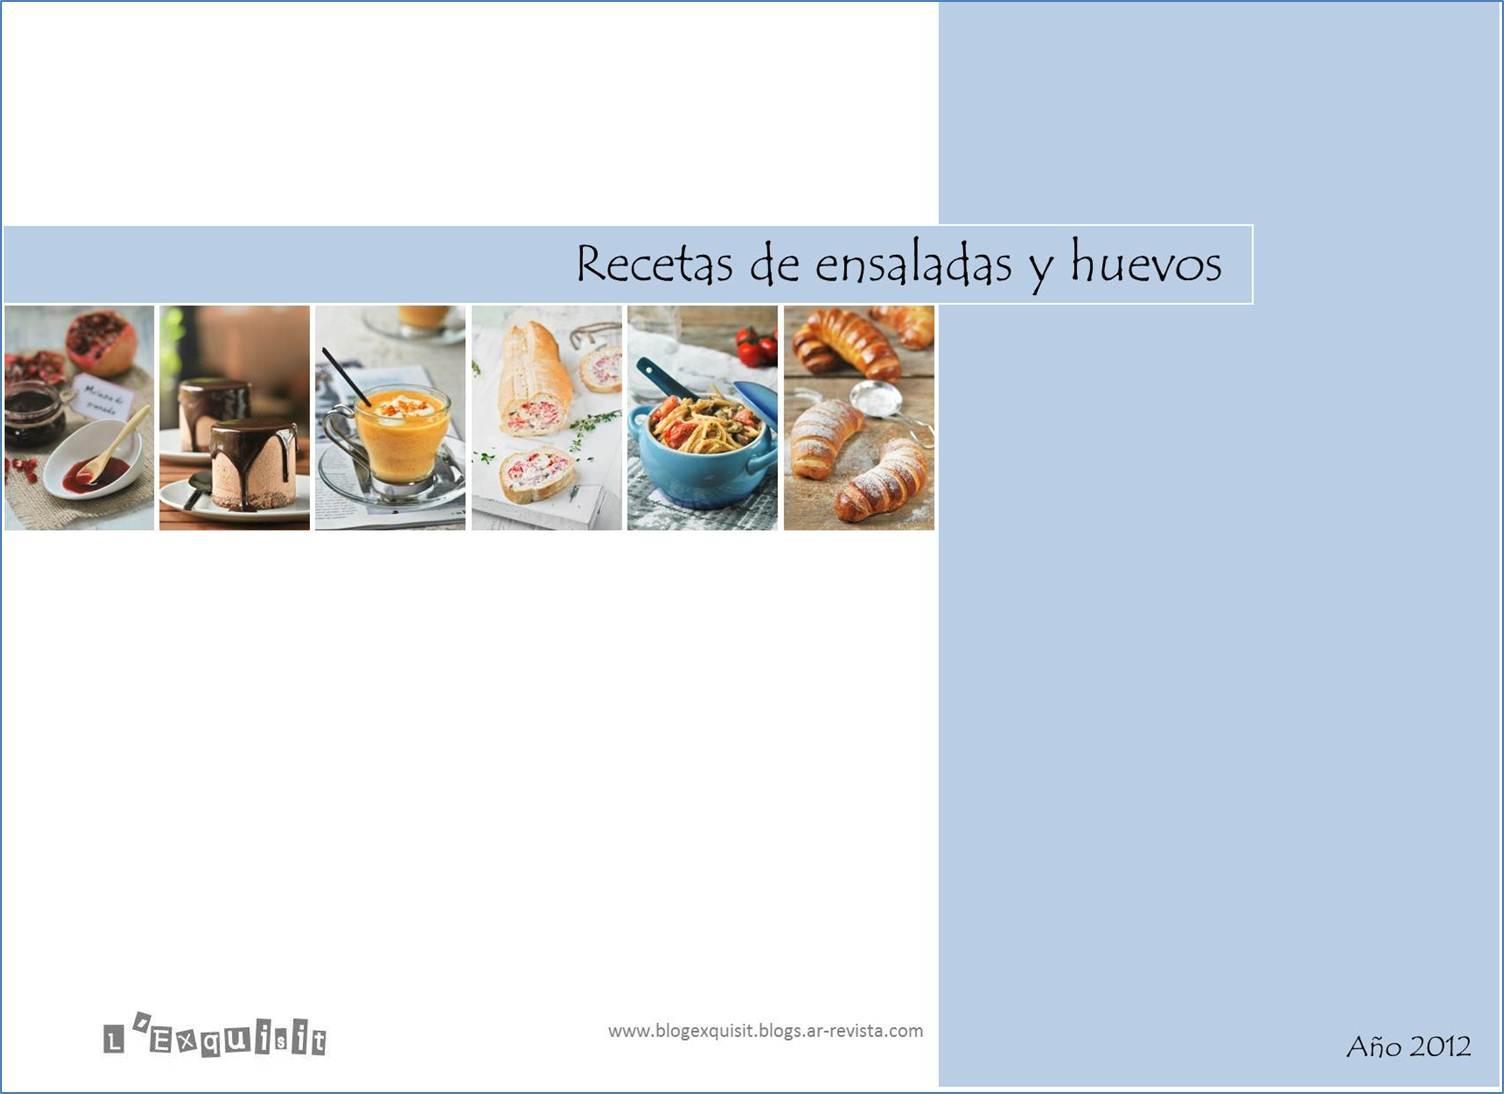 Recetario ensaladas y huevos (2012)